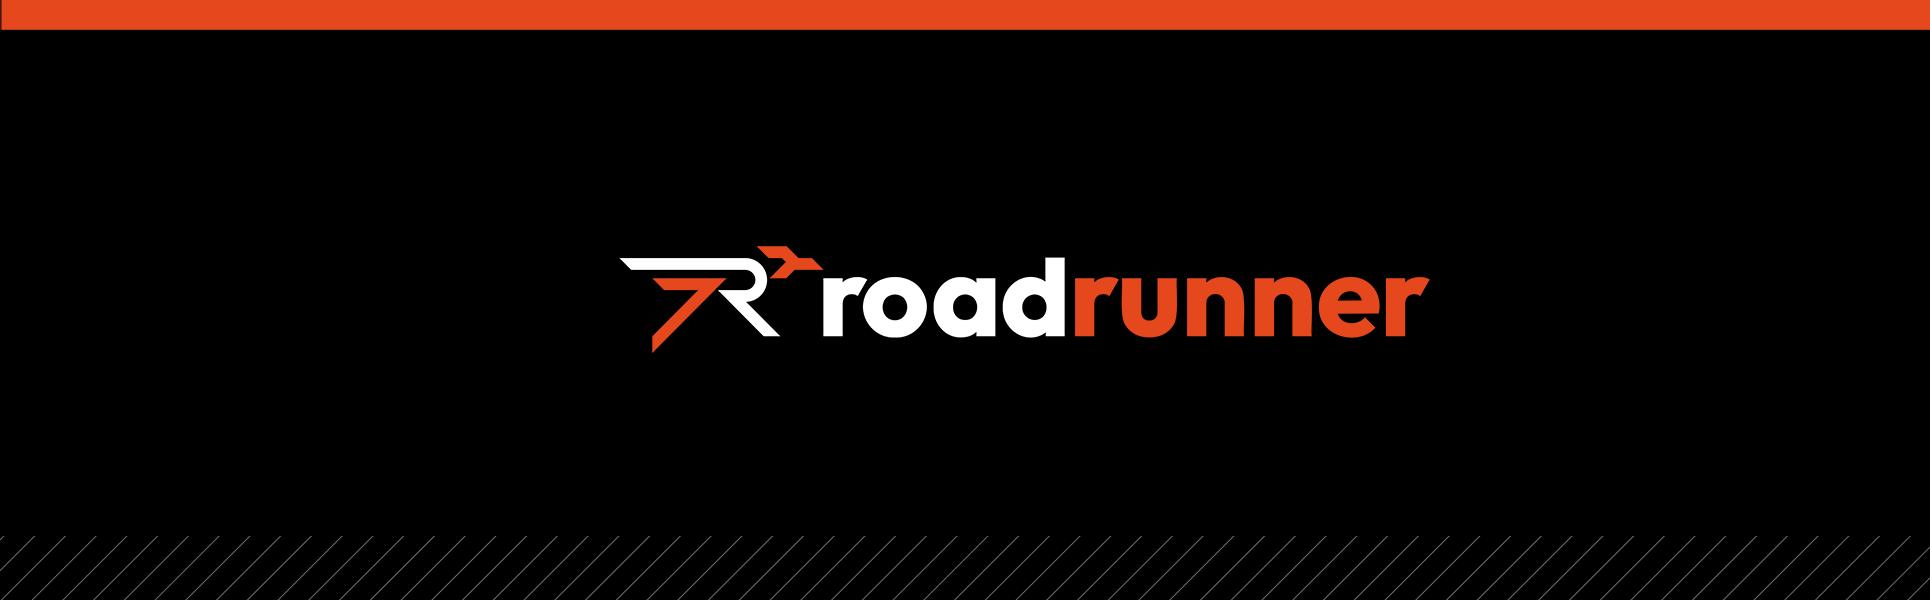 Roadrunner Freight Home